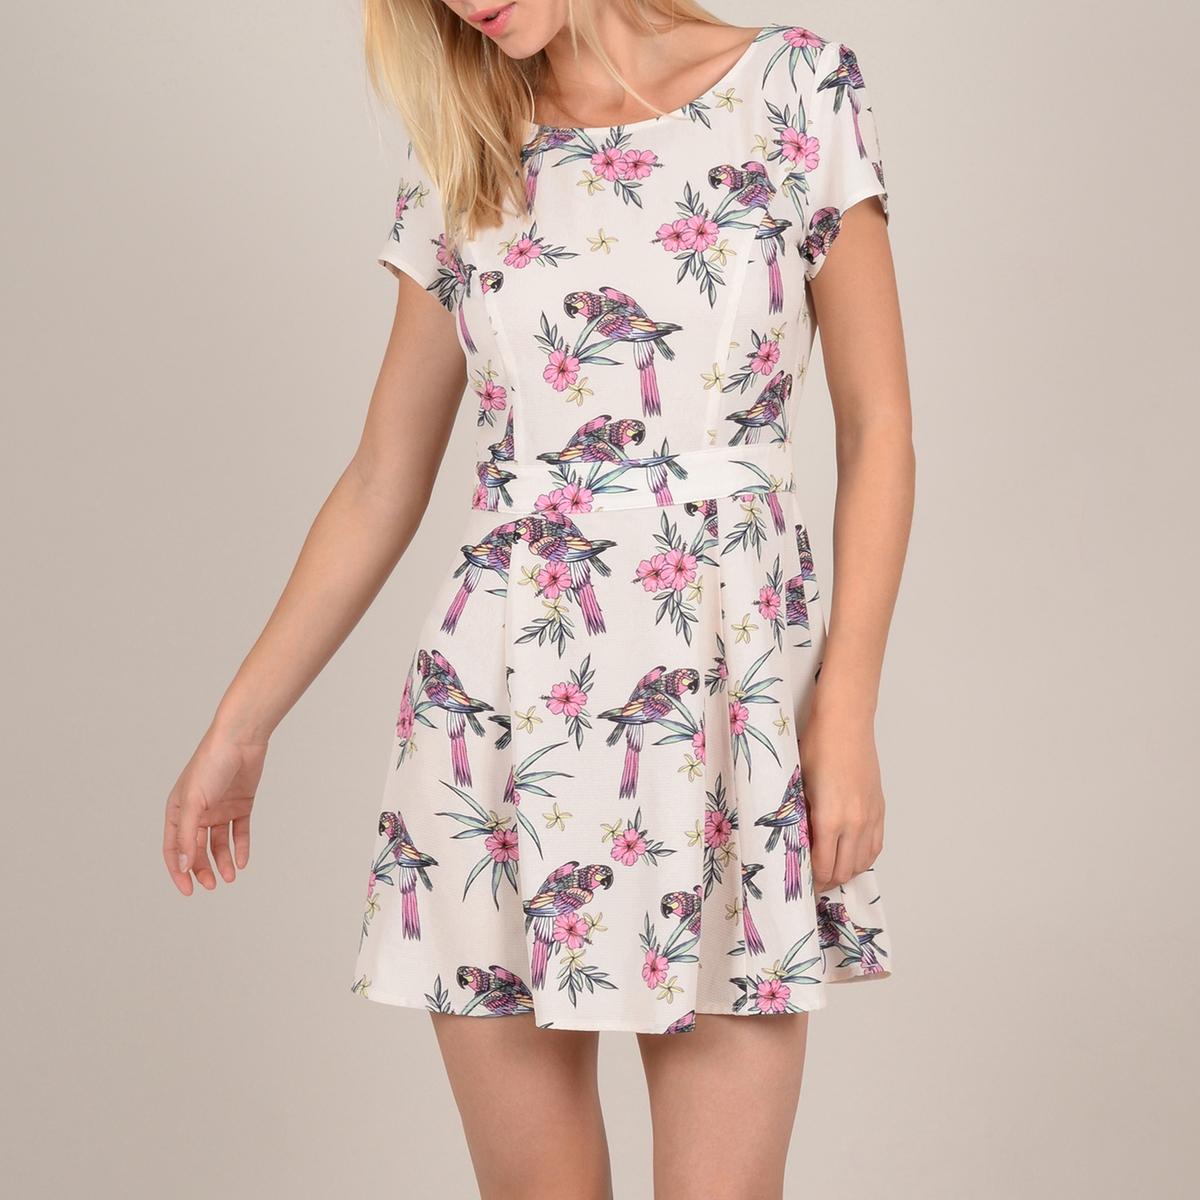 Платье La Redoute С цветочным рисунком открытой спинкой и короткими рукавами M белый candy girl платье голубое с открытой спинкой